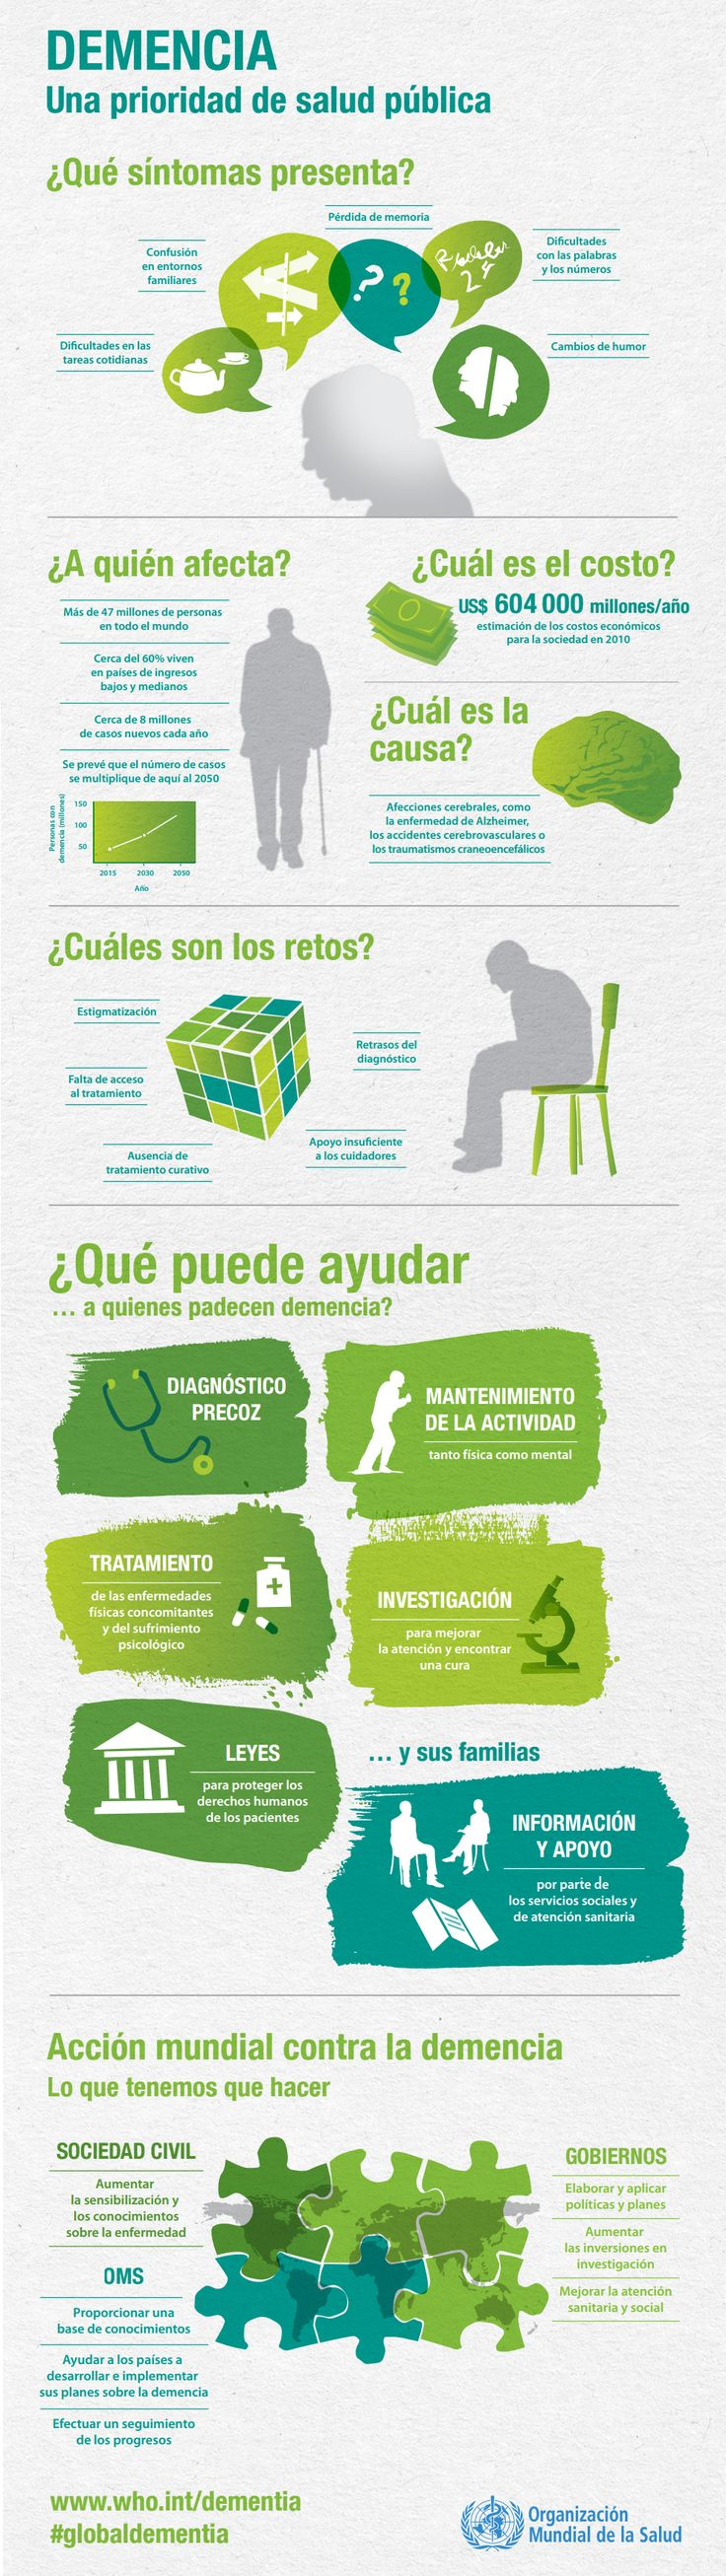 Resumen gráfico sobre la demencia: a quién afecta, cuáles son sus desafíos y...